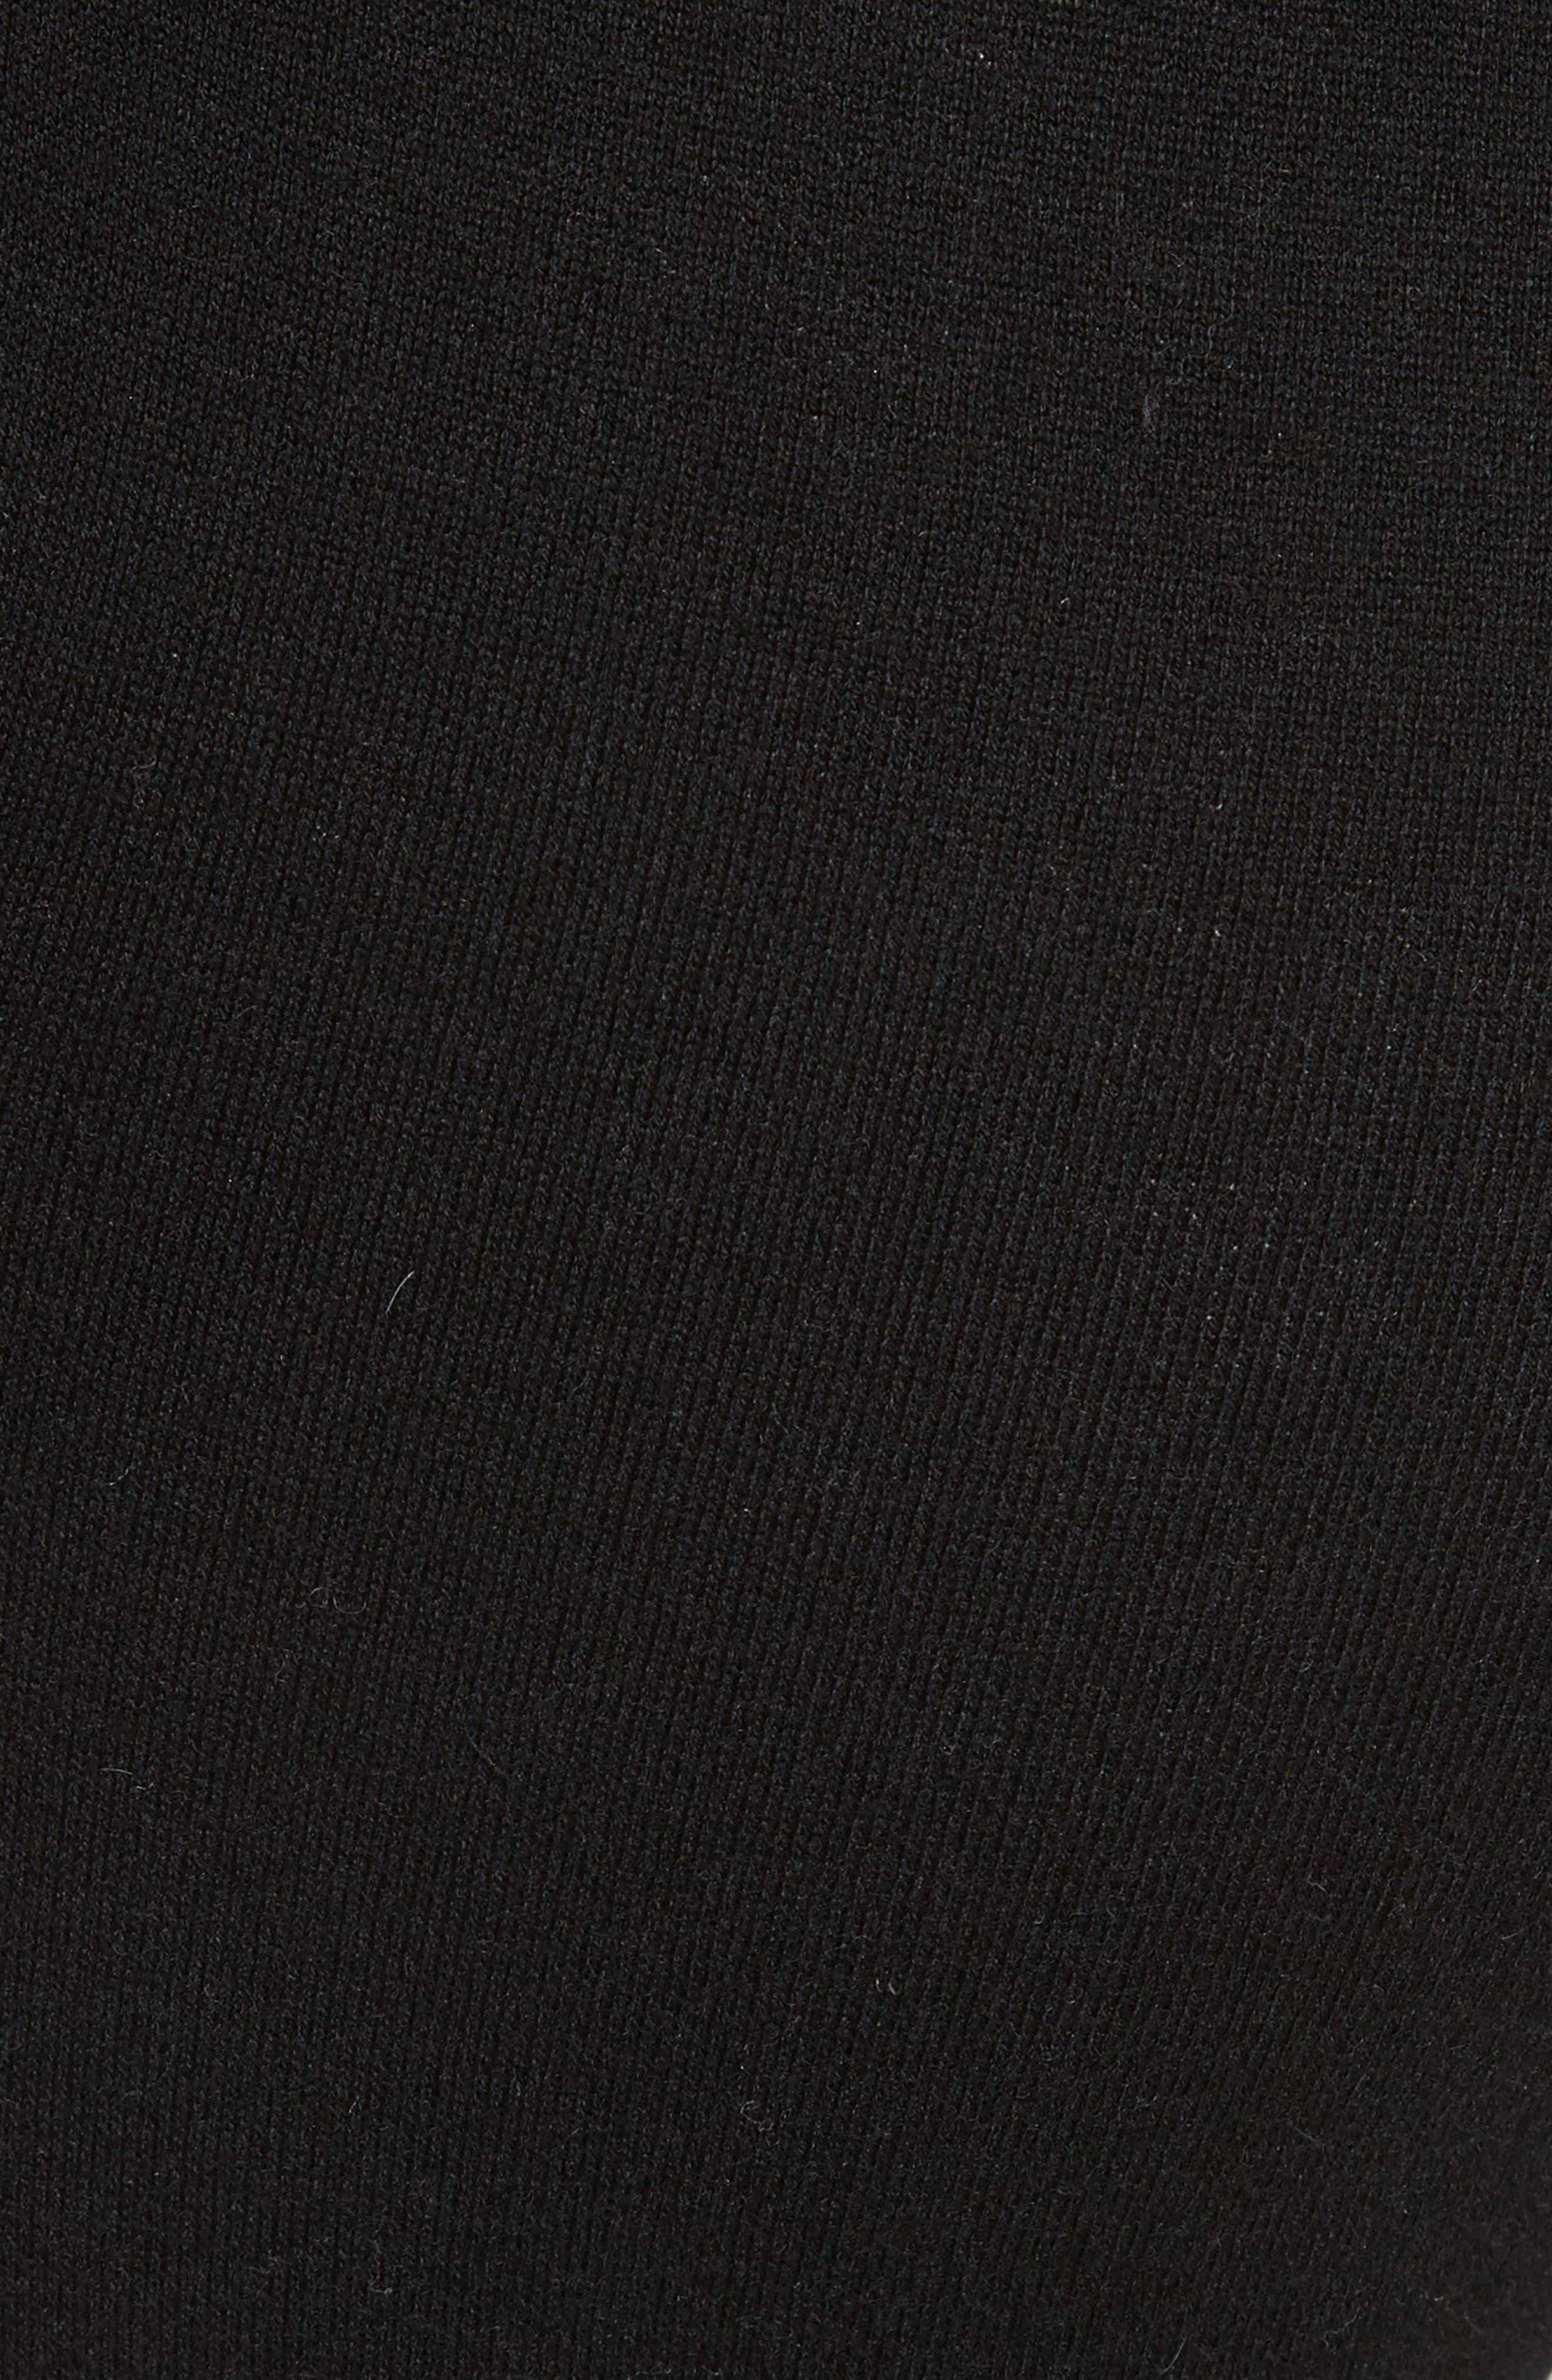 Cotton Blend Knit Sweatpants,                             Alternate thumbnail 5, color,